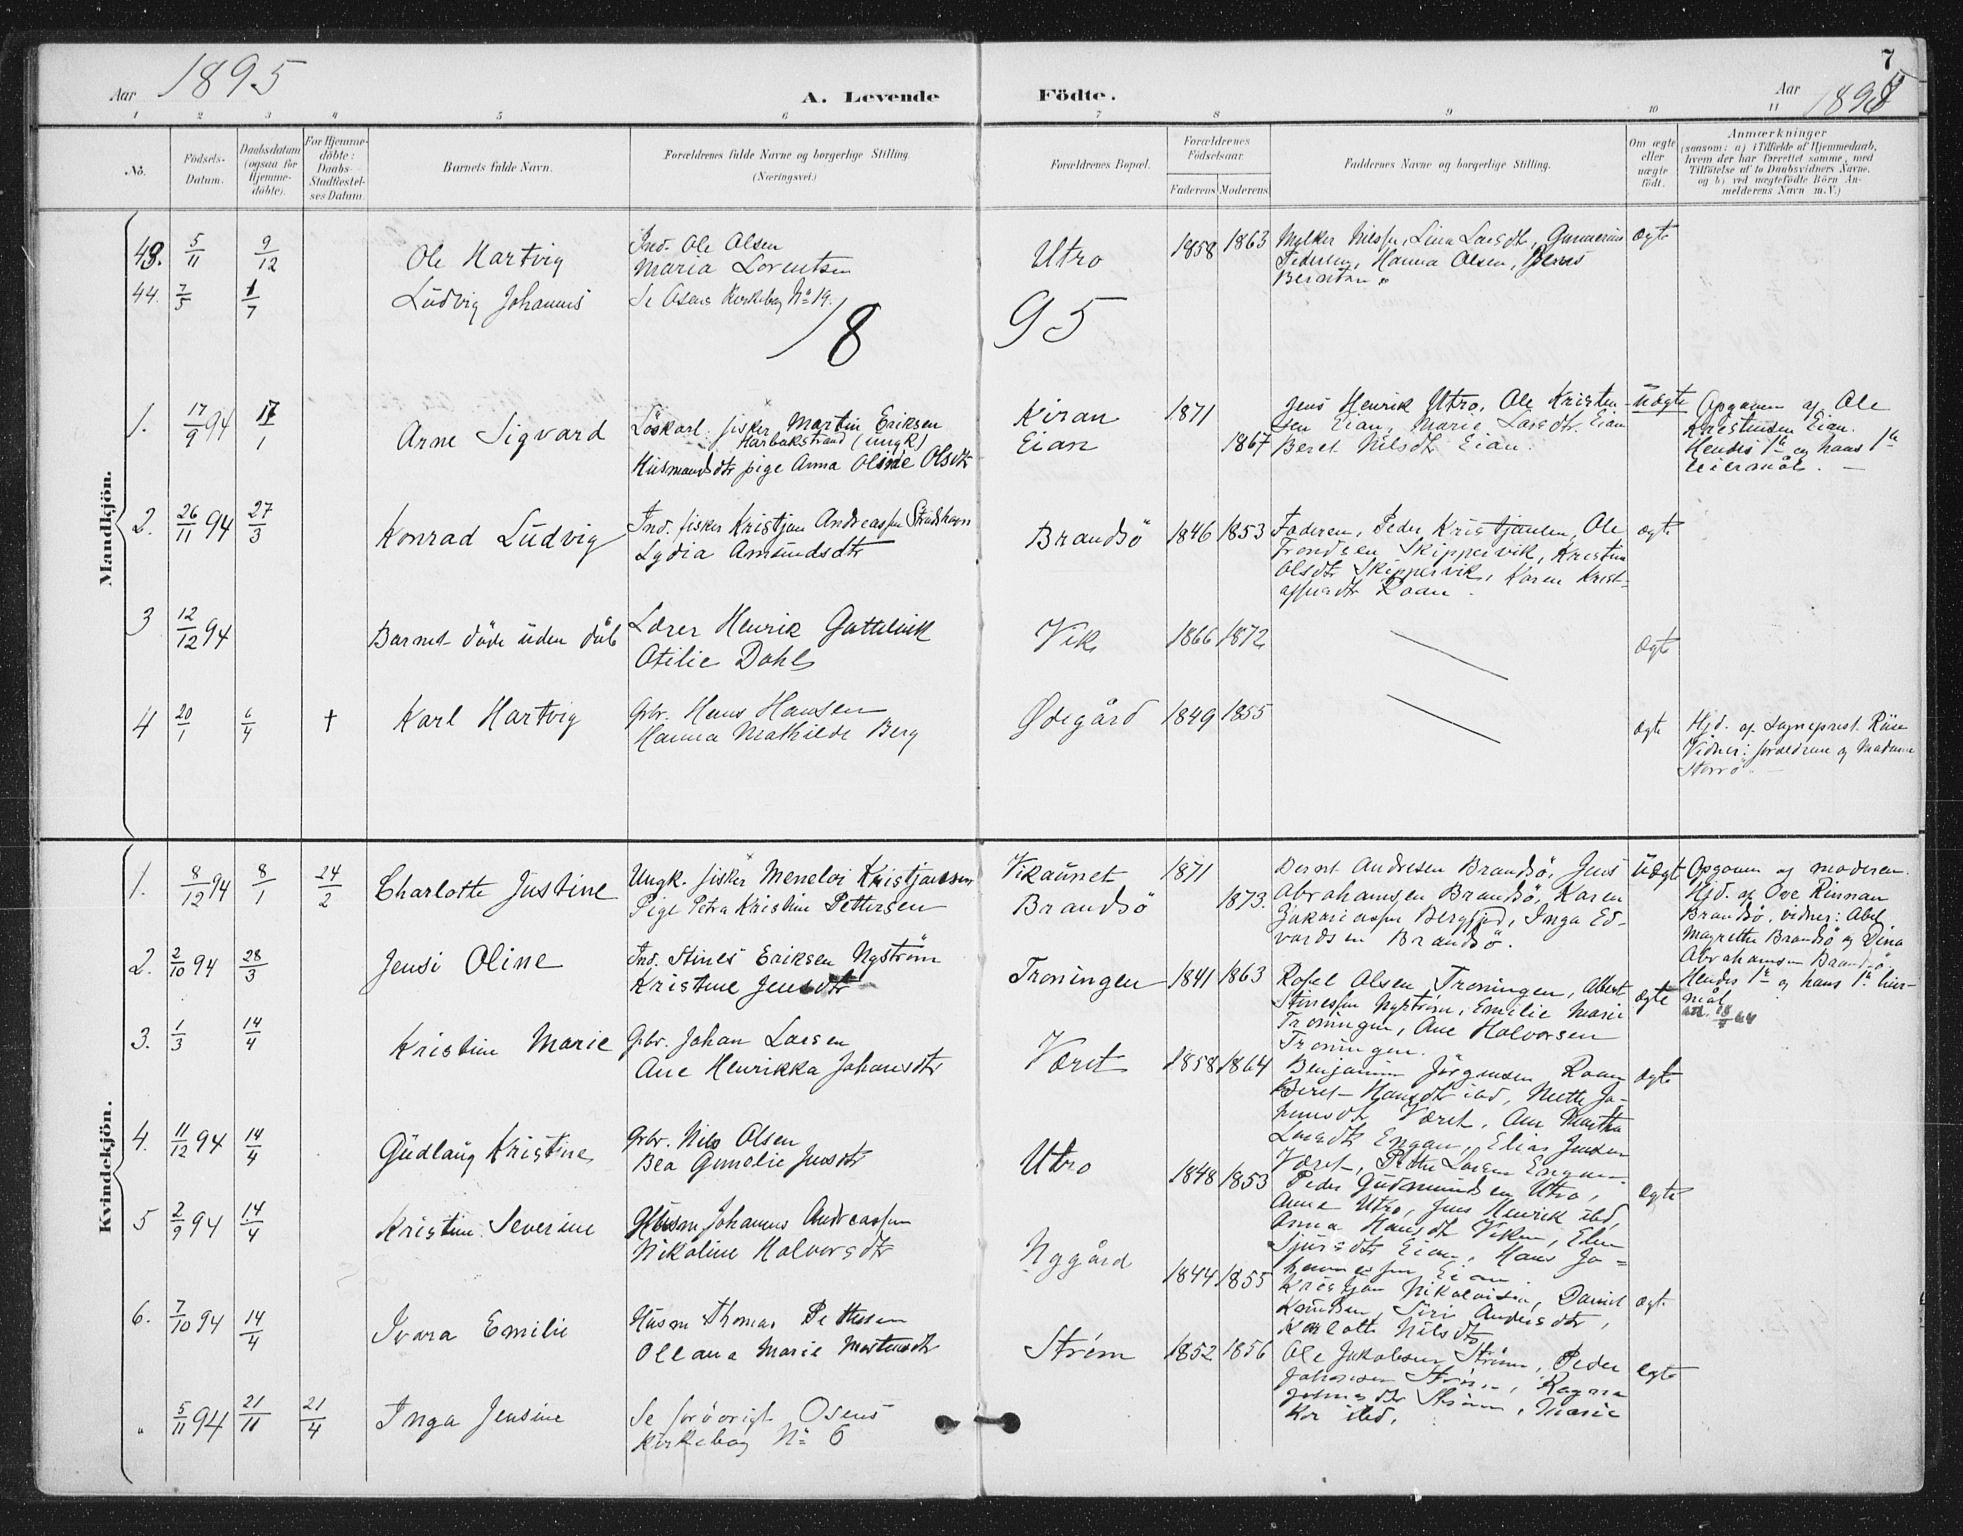 SAT, Ministerialprotokoller, klokkerbøker og fødselsregistre - Sør-Trøndelag, 657/L0708: Ministerialbok nr. 657A09, 1894-1904, s. 7